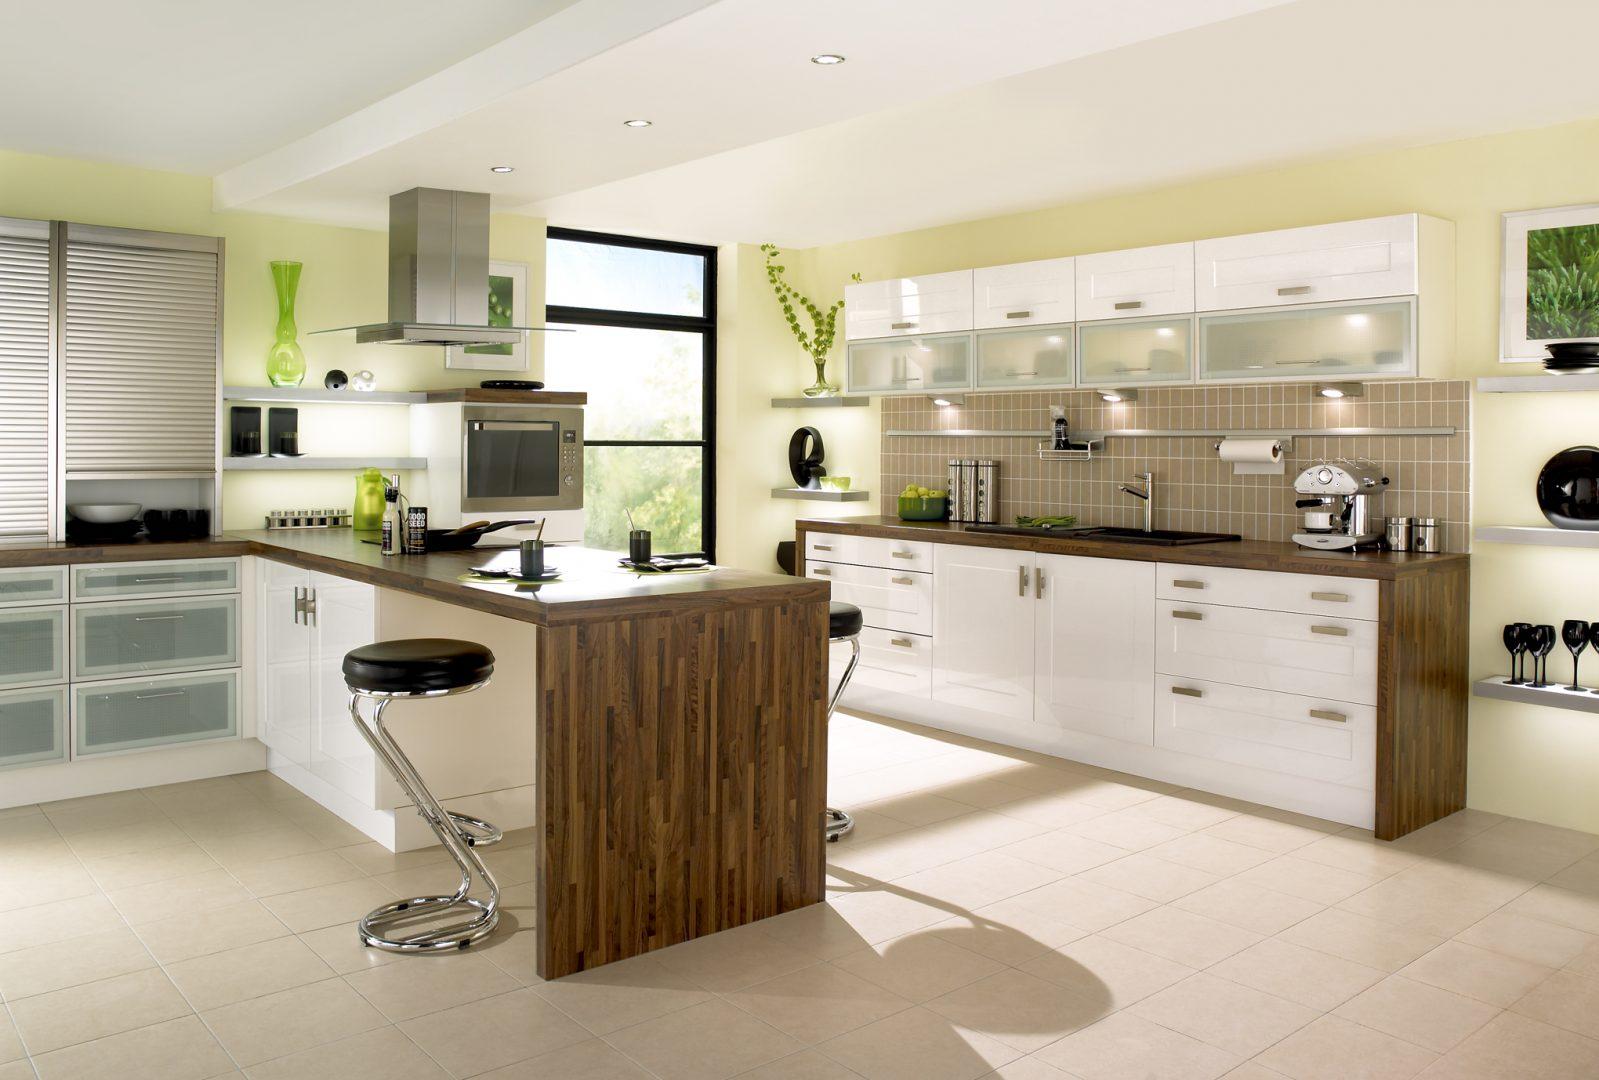 Cocina moderna im genes y fotos - Cocinas espectaculares modernas ...